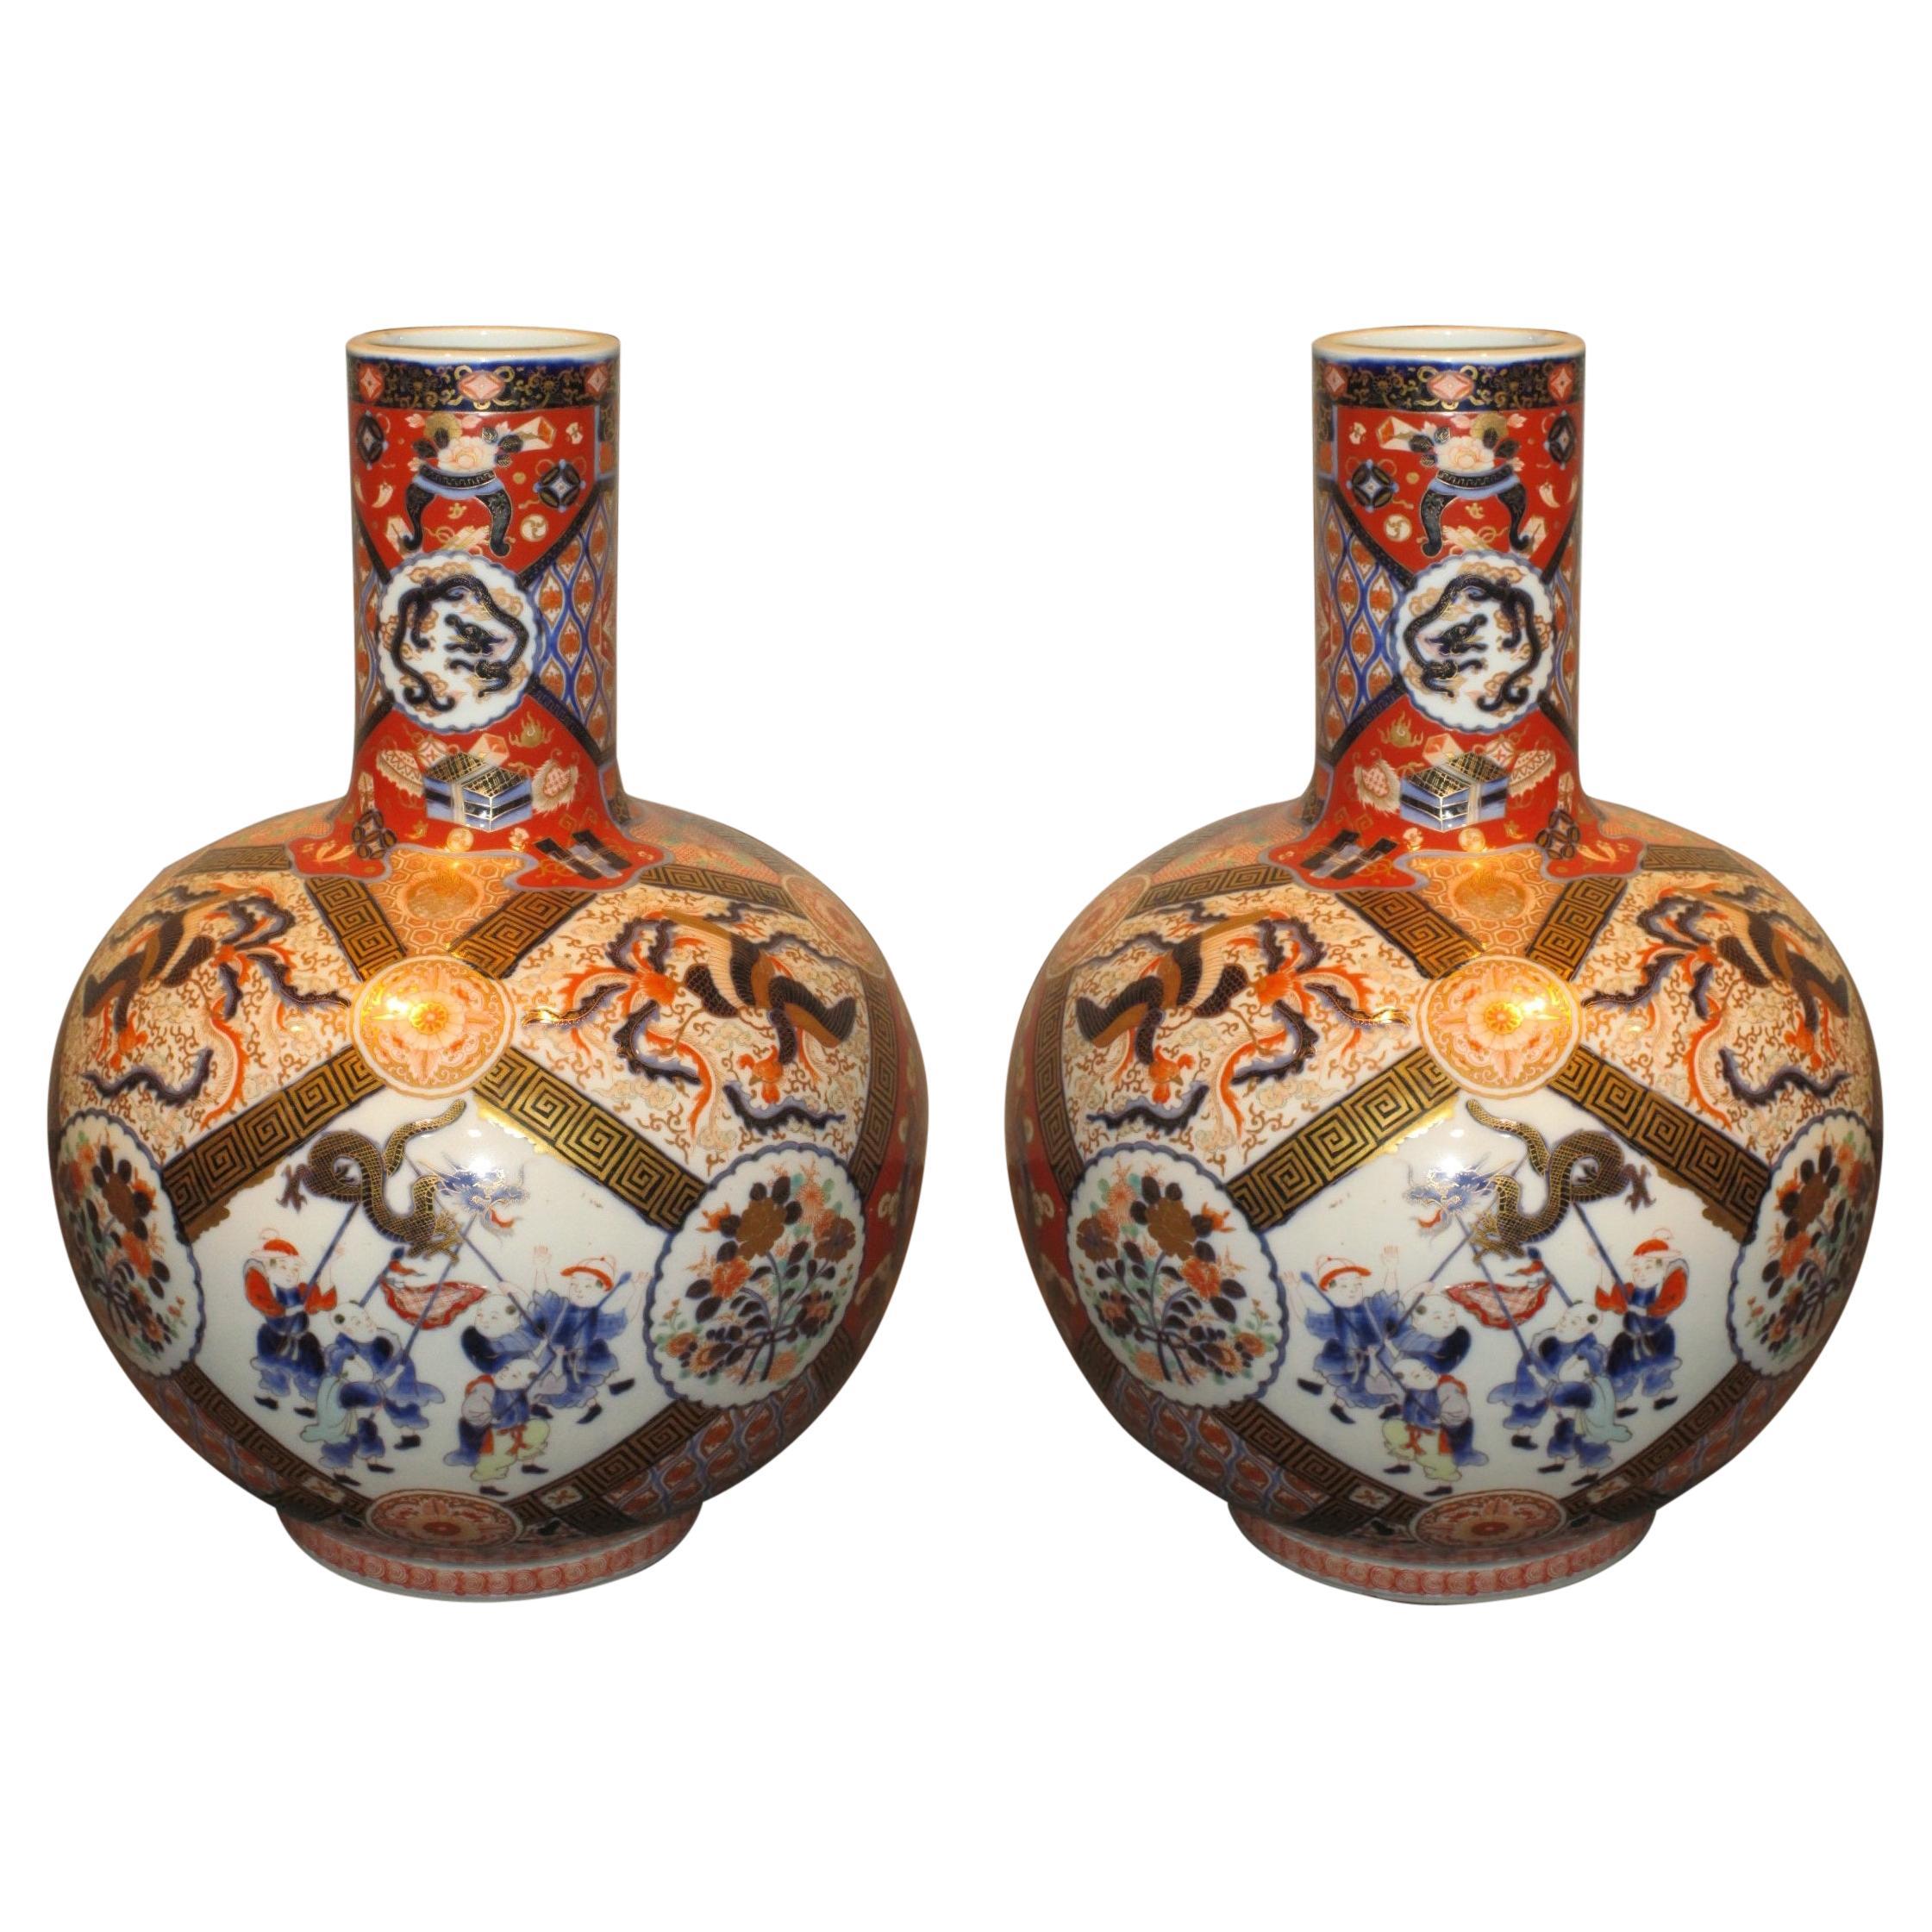 Pair of Japanese Meiji Fukagawa Blue Red Green Porcelain Vases, circa 1900